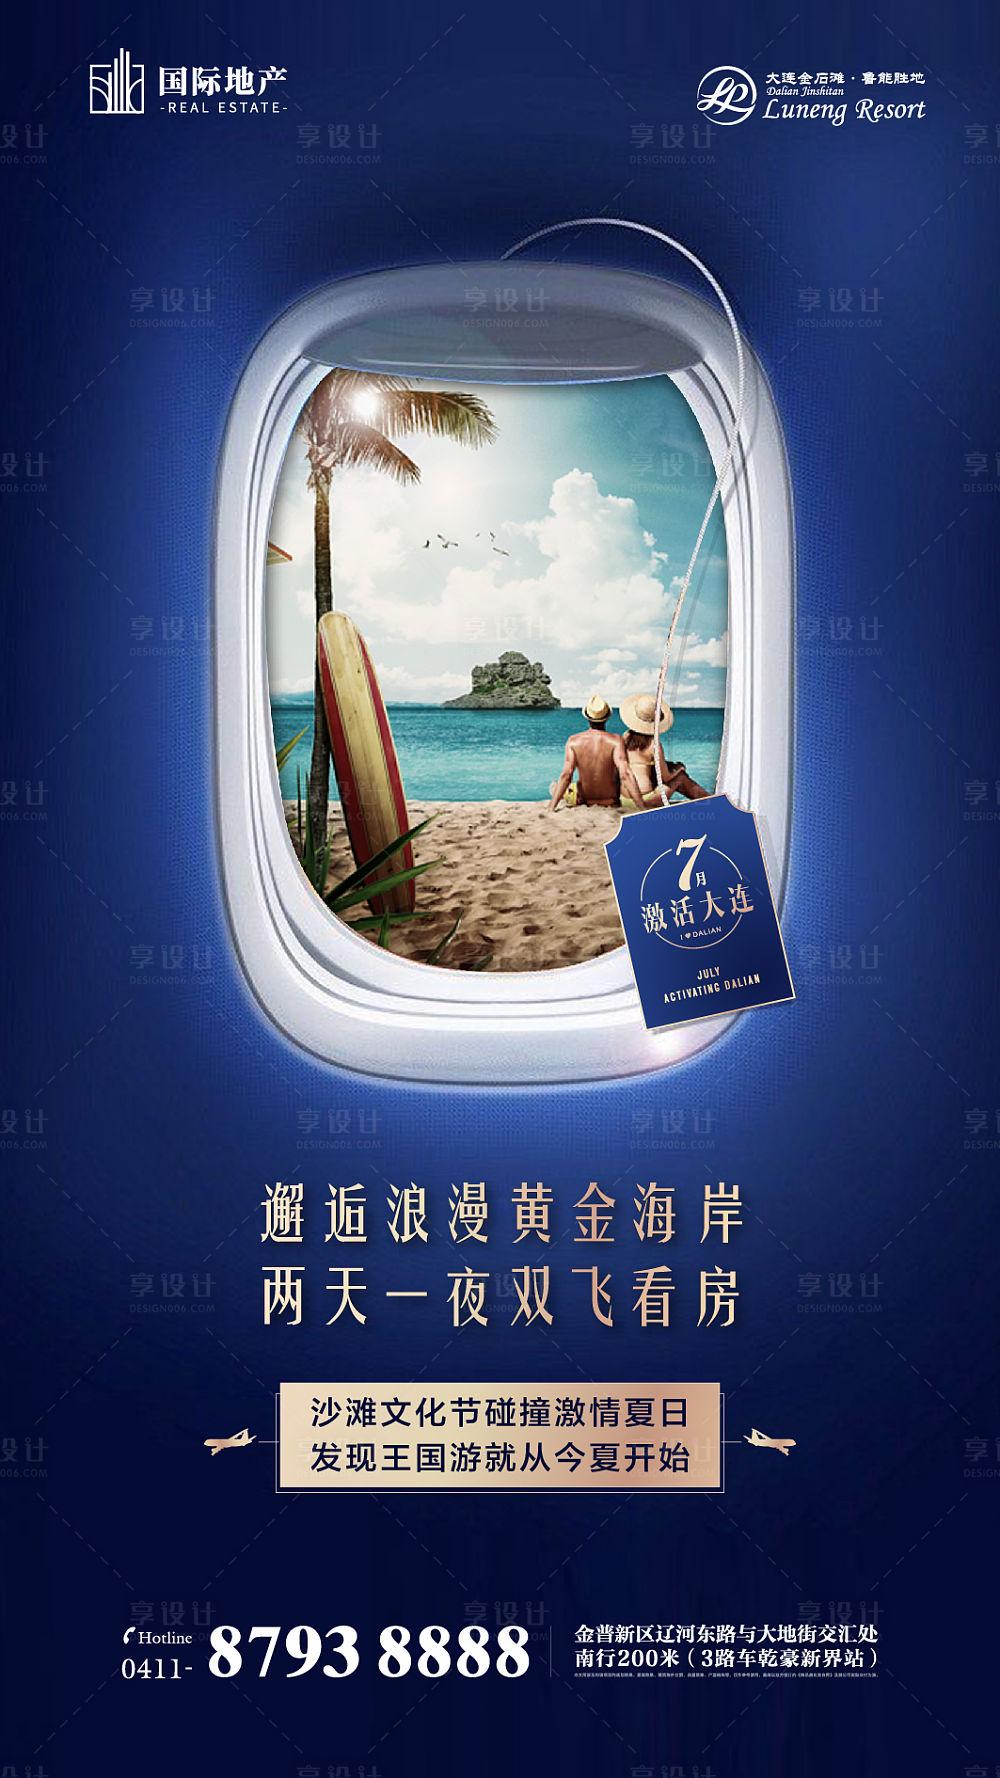 【源文件下载】 海报 房地产 黄金周 沙滩节 飞行 旅游 度假 蓝金 创意